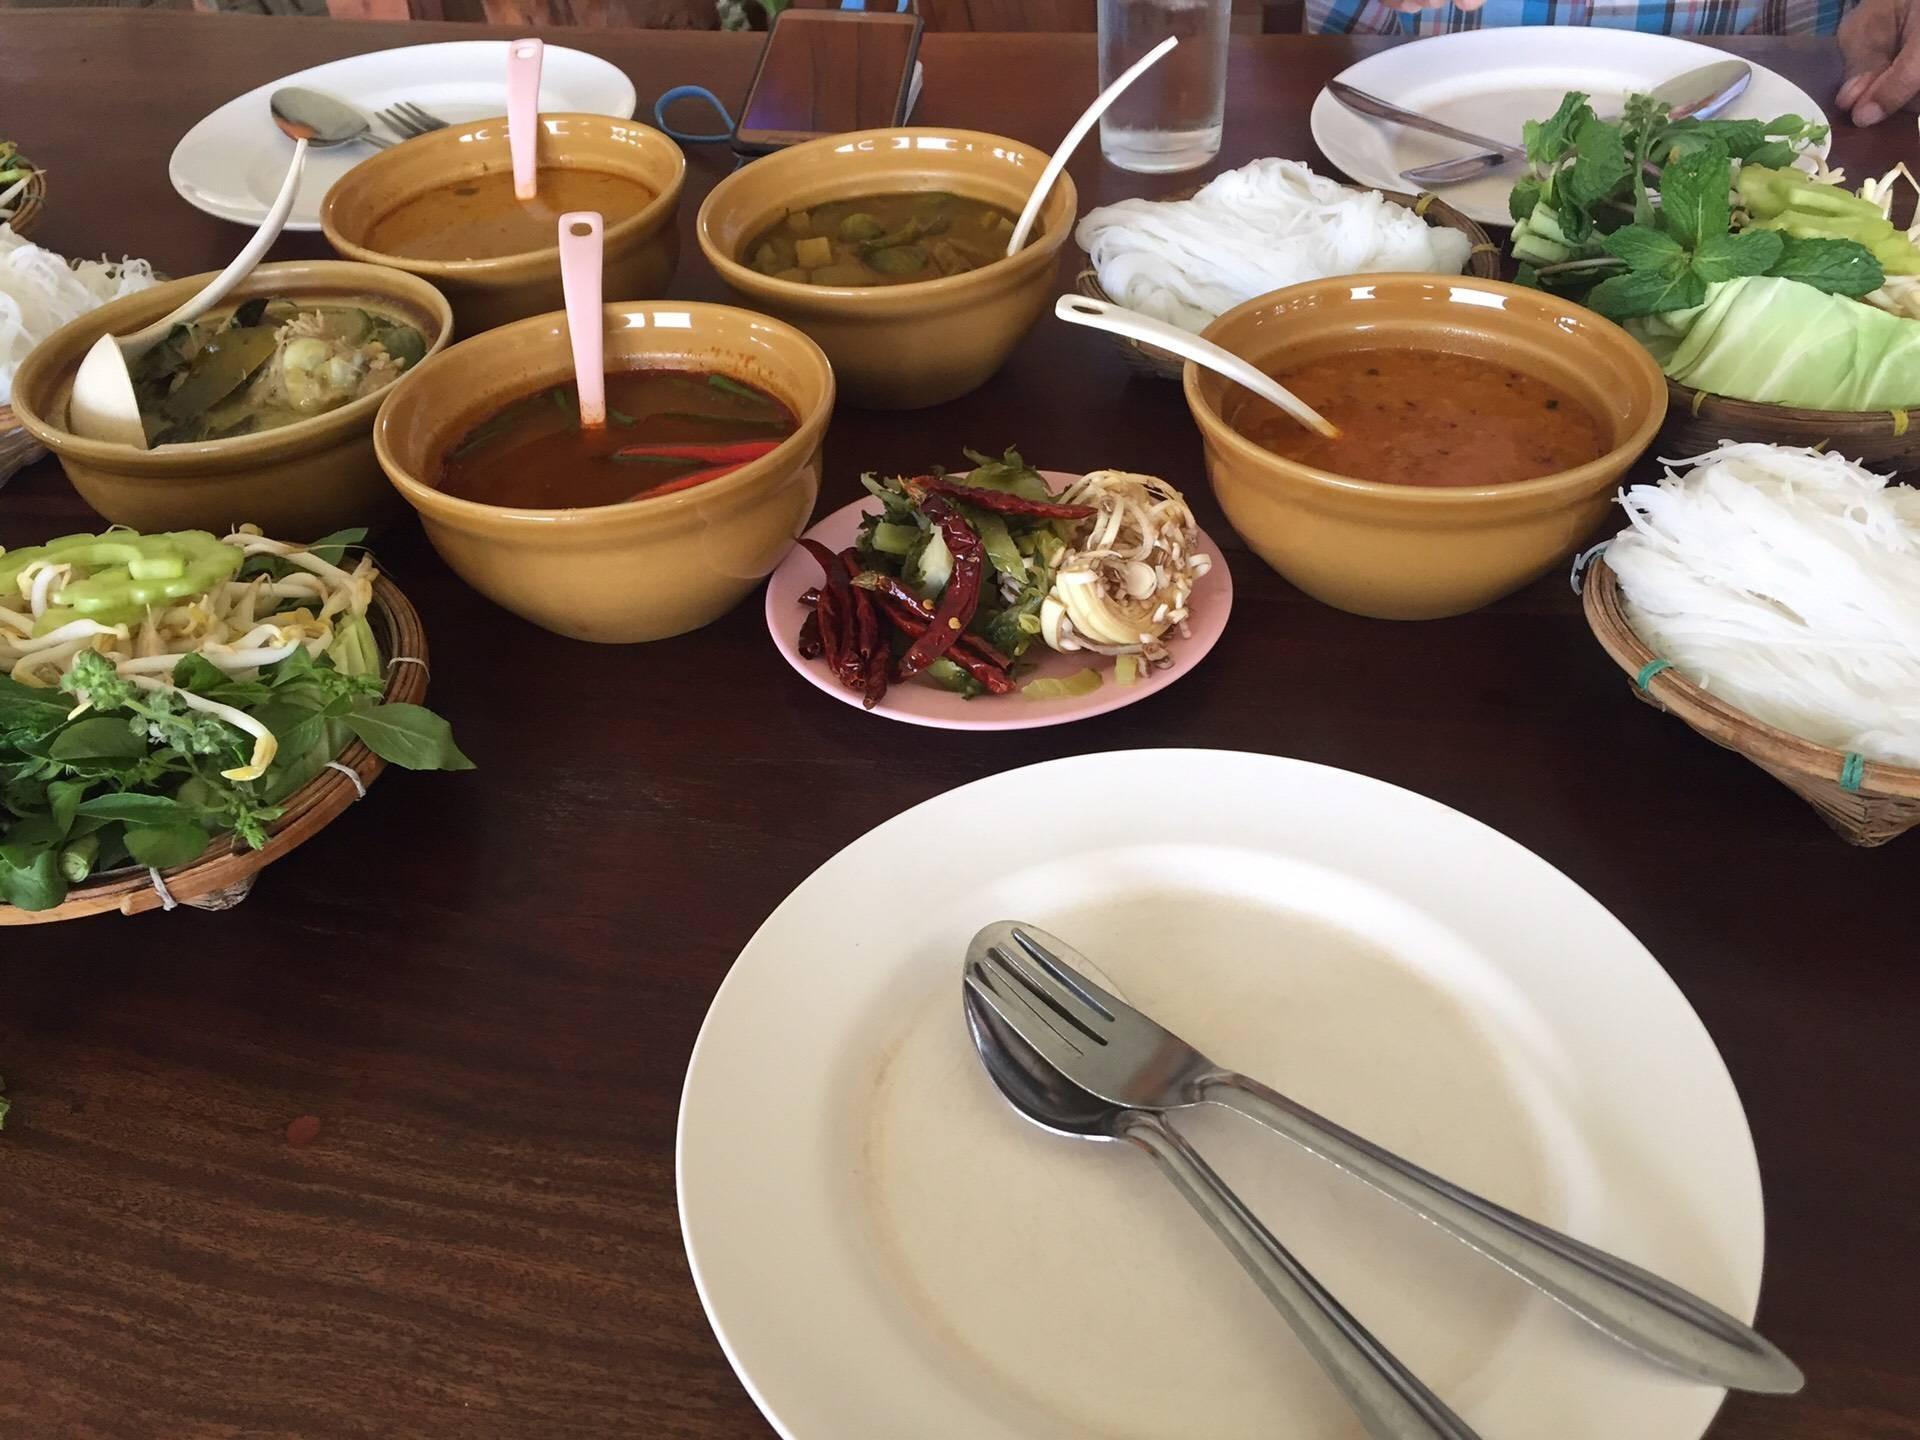 ขนมจีนกู่ทอง สาขา 2 (ริมบึงดอกบัว)